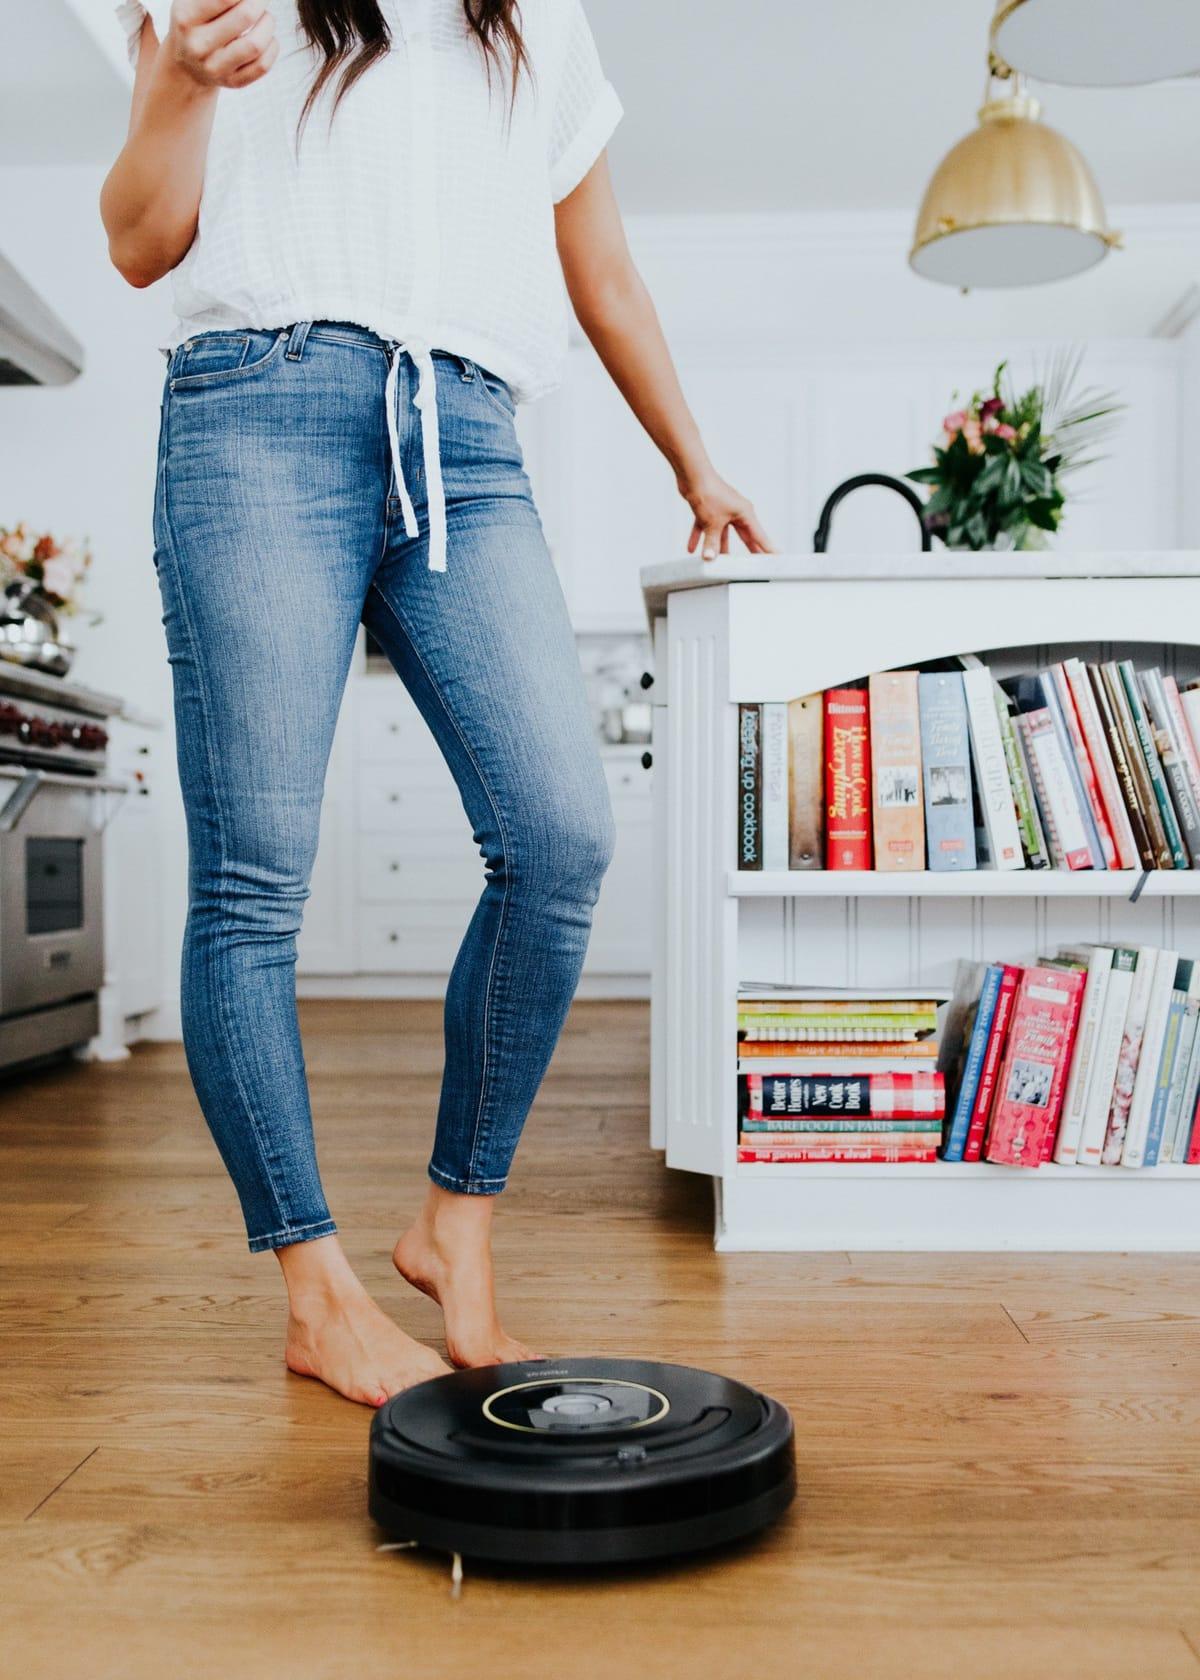 irobot roomba floor cleaner